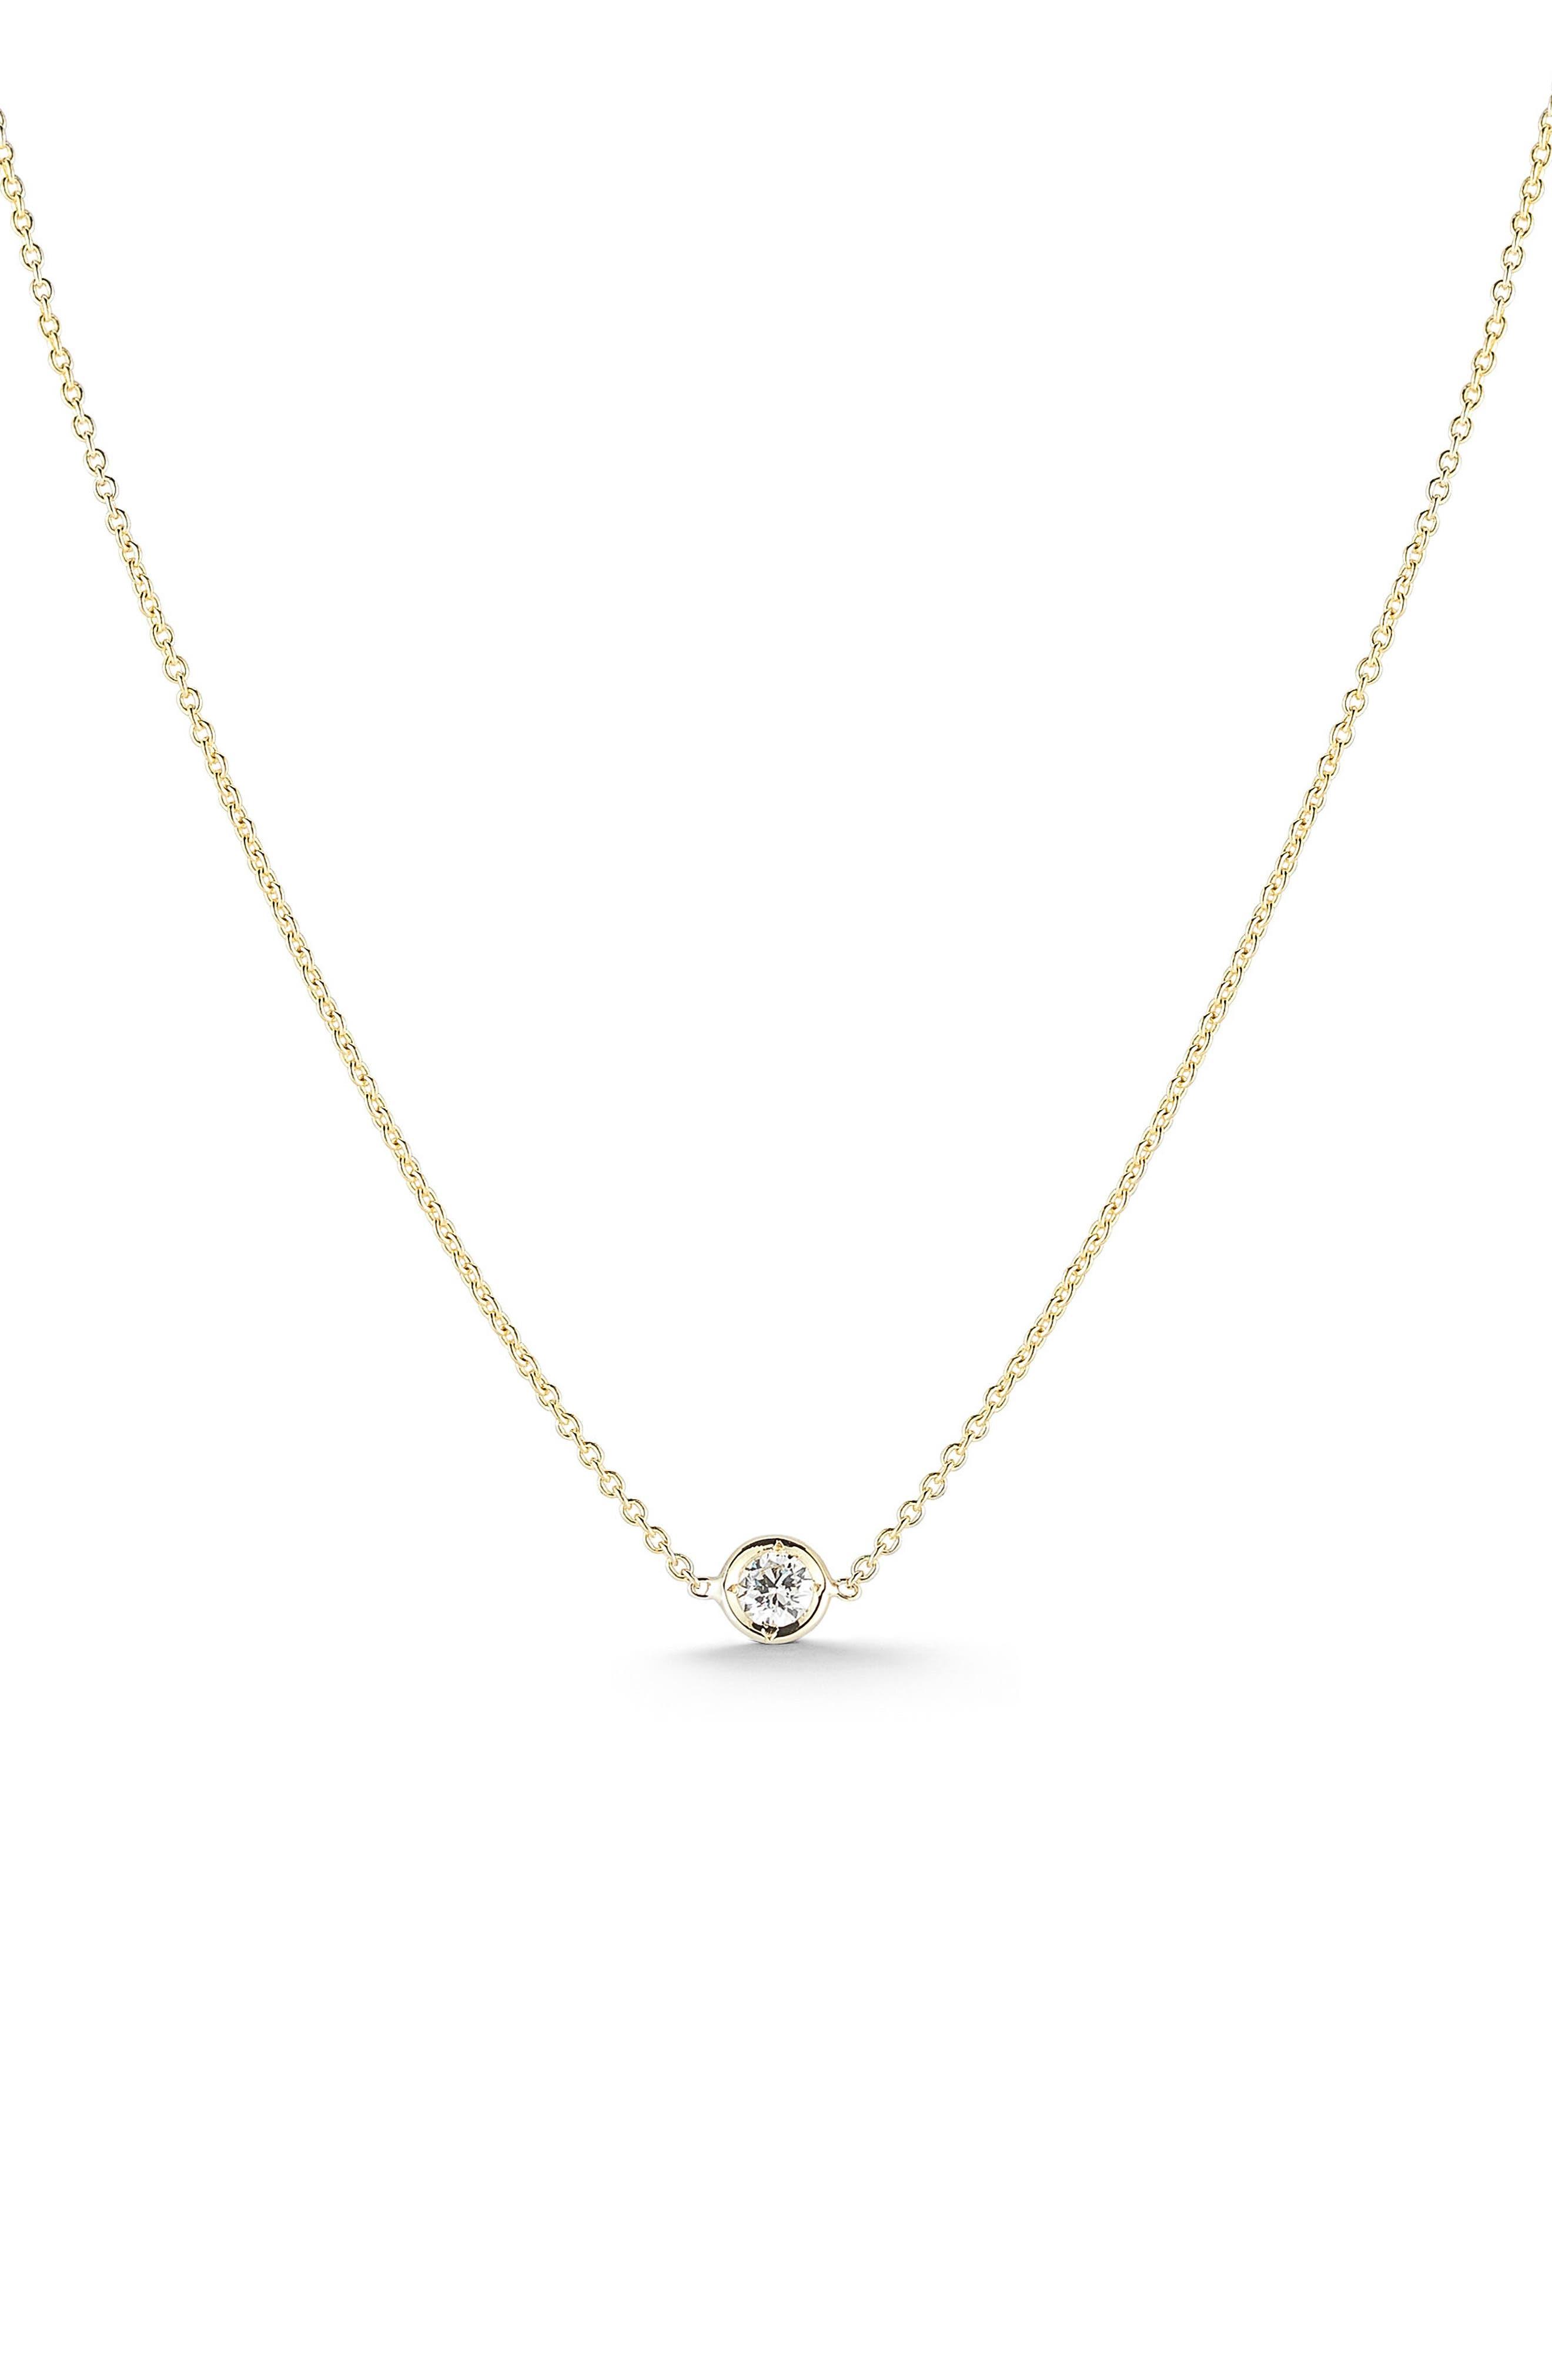 Roberto Coin Tiny Treasures Diamond Bezel Necklace